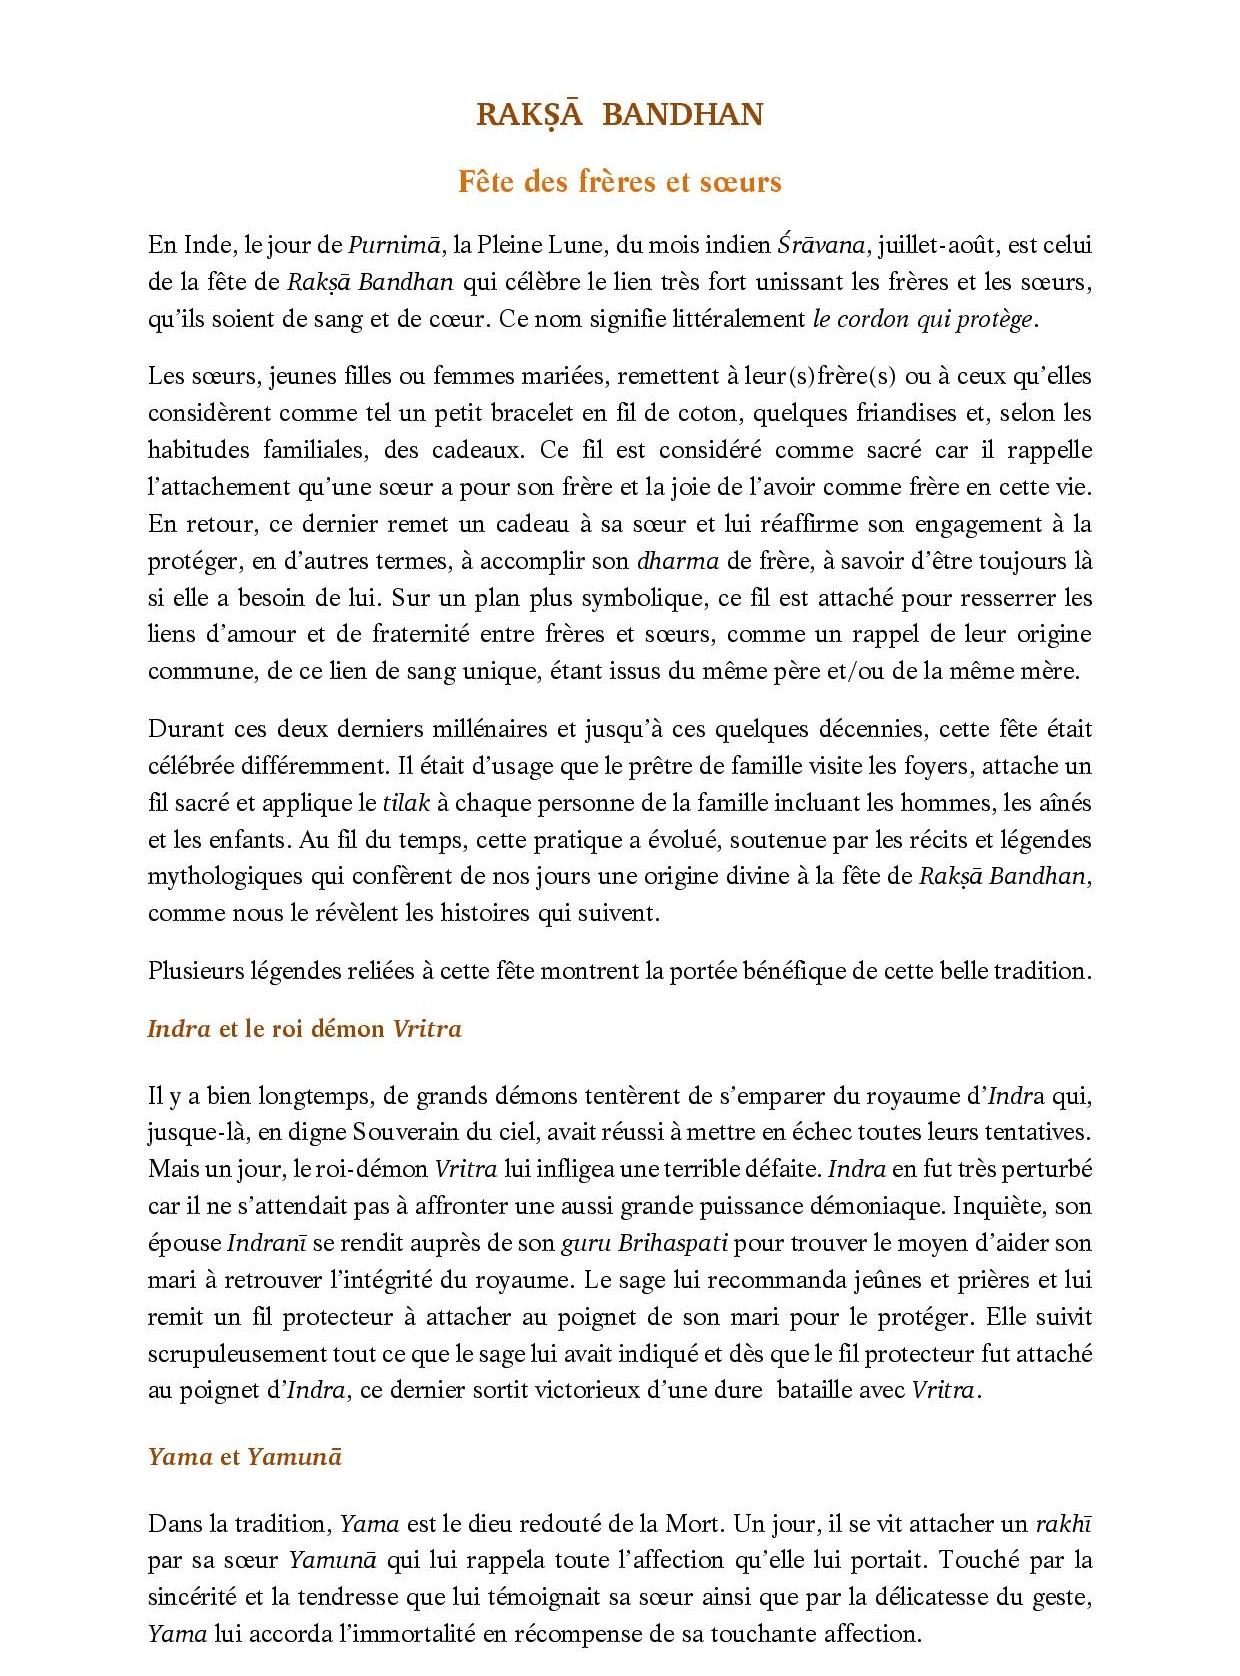 rakash bandhan 2020 BAT-page-002(1)